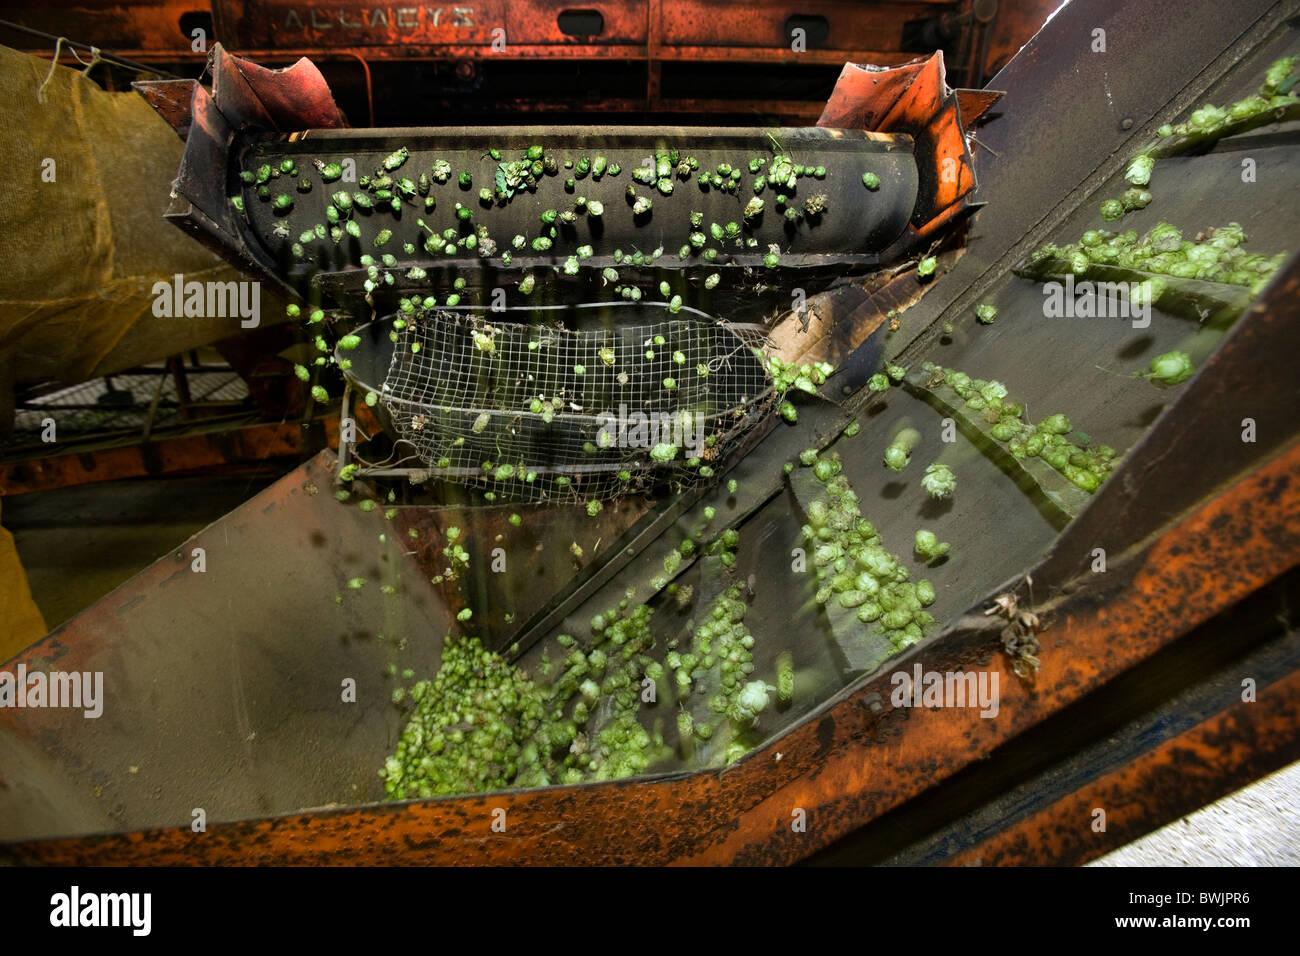 La producción de lúpulo (Humulus lupulus), Poperinge, Bélgica Imagen De Stock